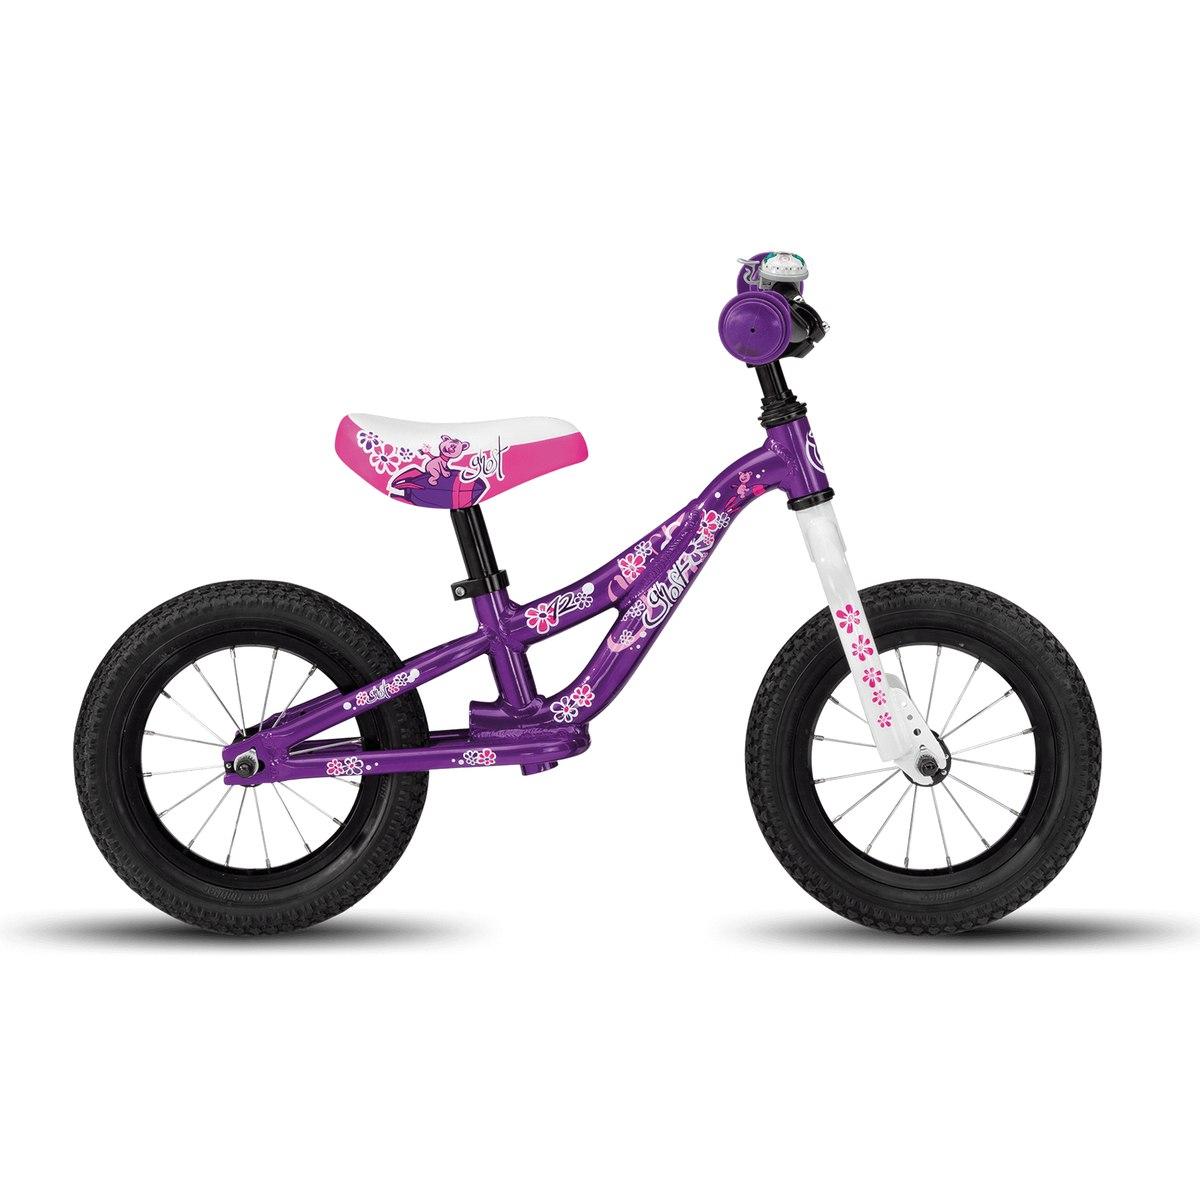 """Ghost POWERKIDDY AL 12 K - 12"""" Run Bike - 2020 - violet / star white / fuchsia pink"""